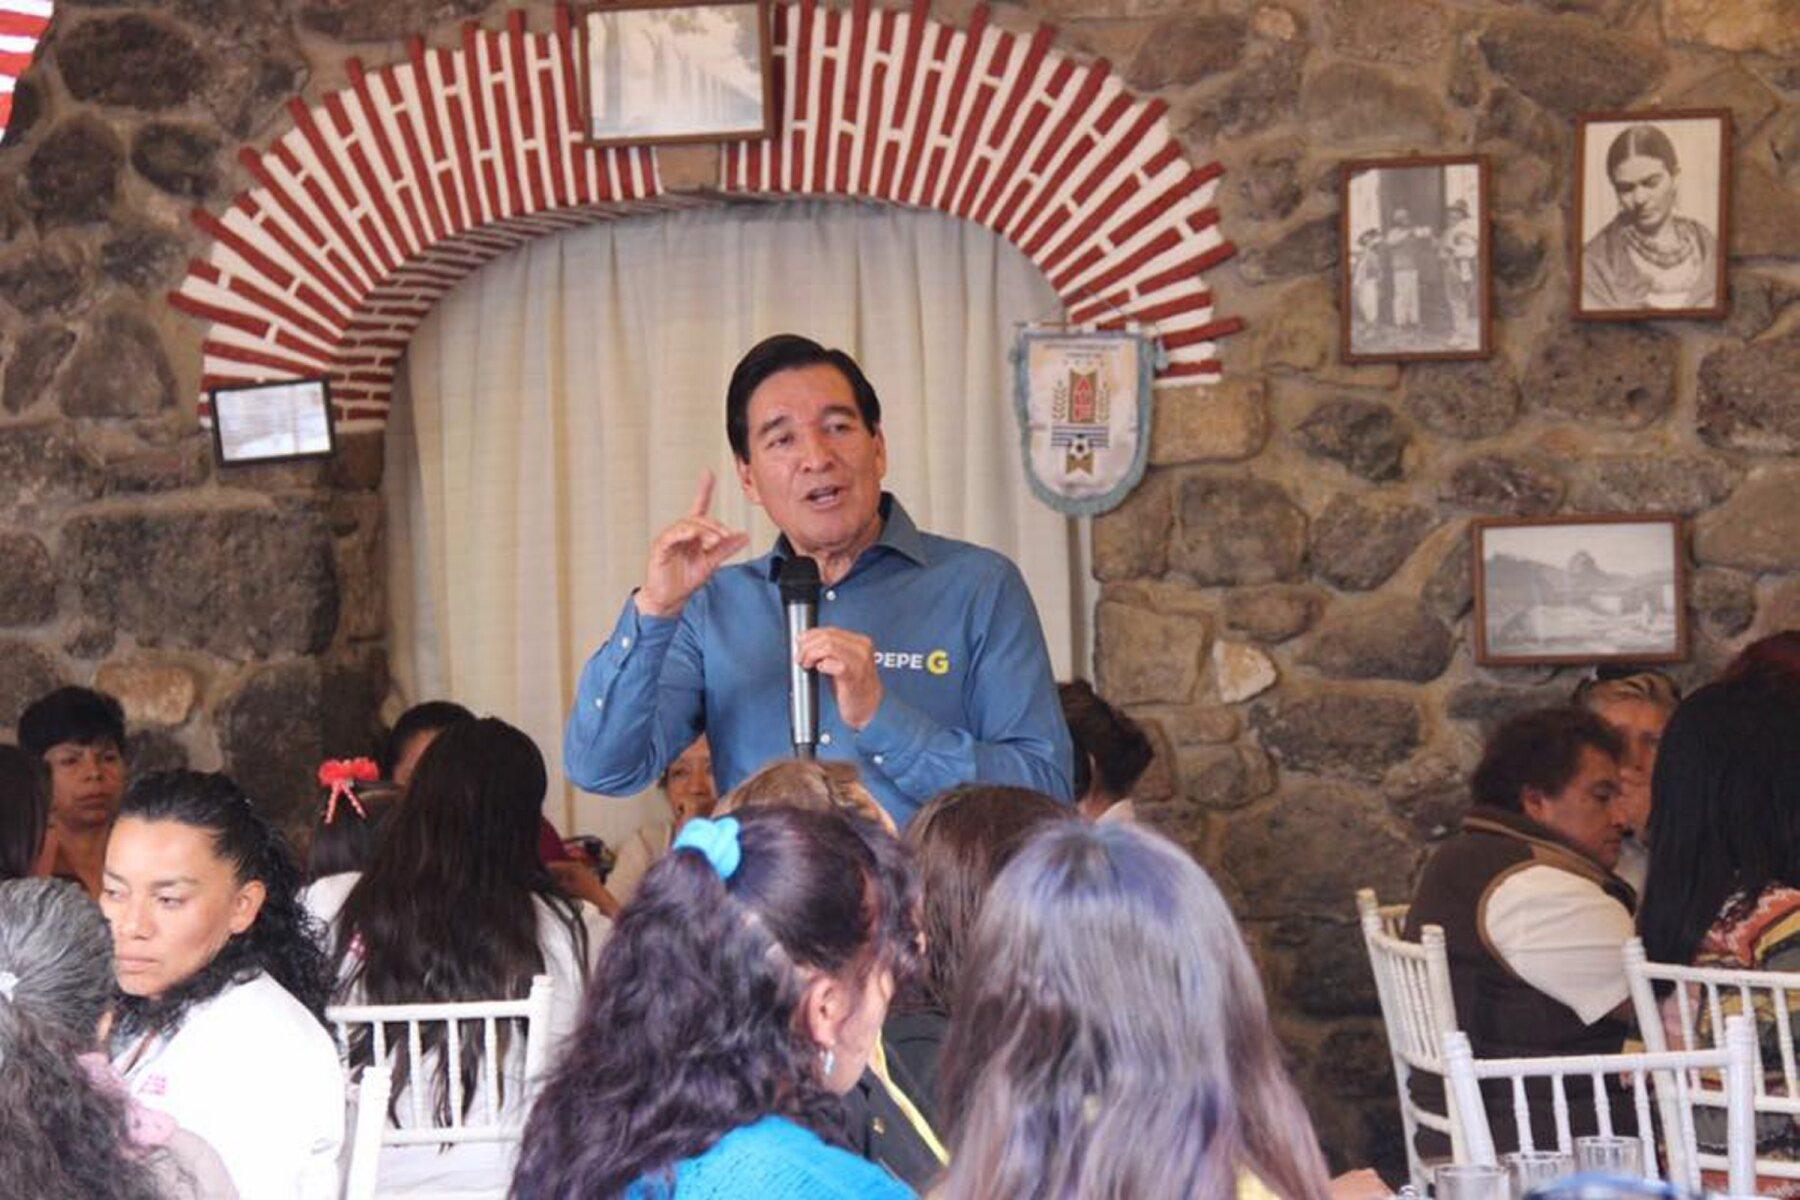 El candidato del PRD a gobernador de Hidalgo, José Guadarrama, plantea las prioridades a atender en los primeros meses de gobierno, si gana la elección del 5 de junio.